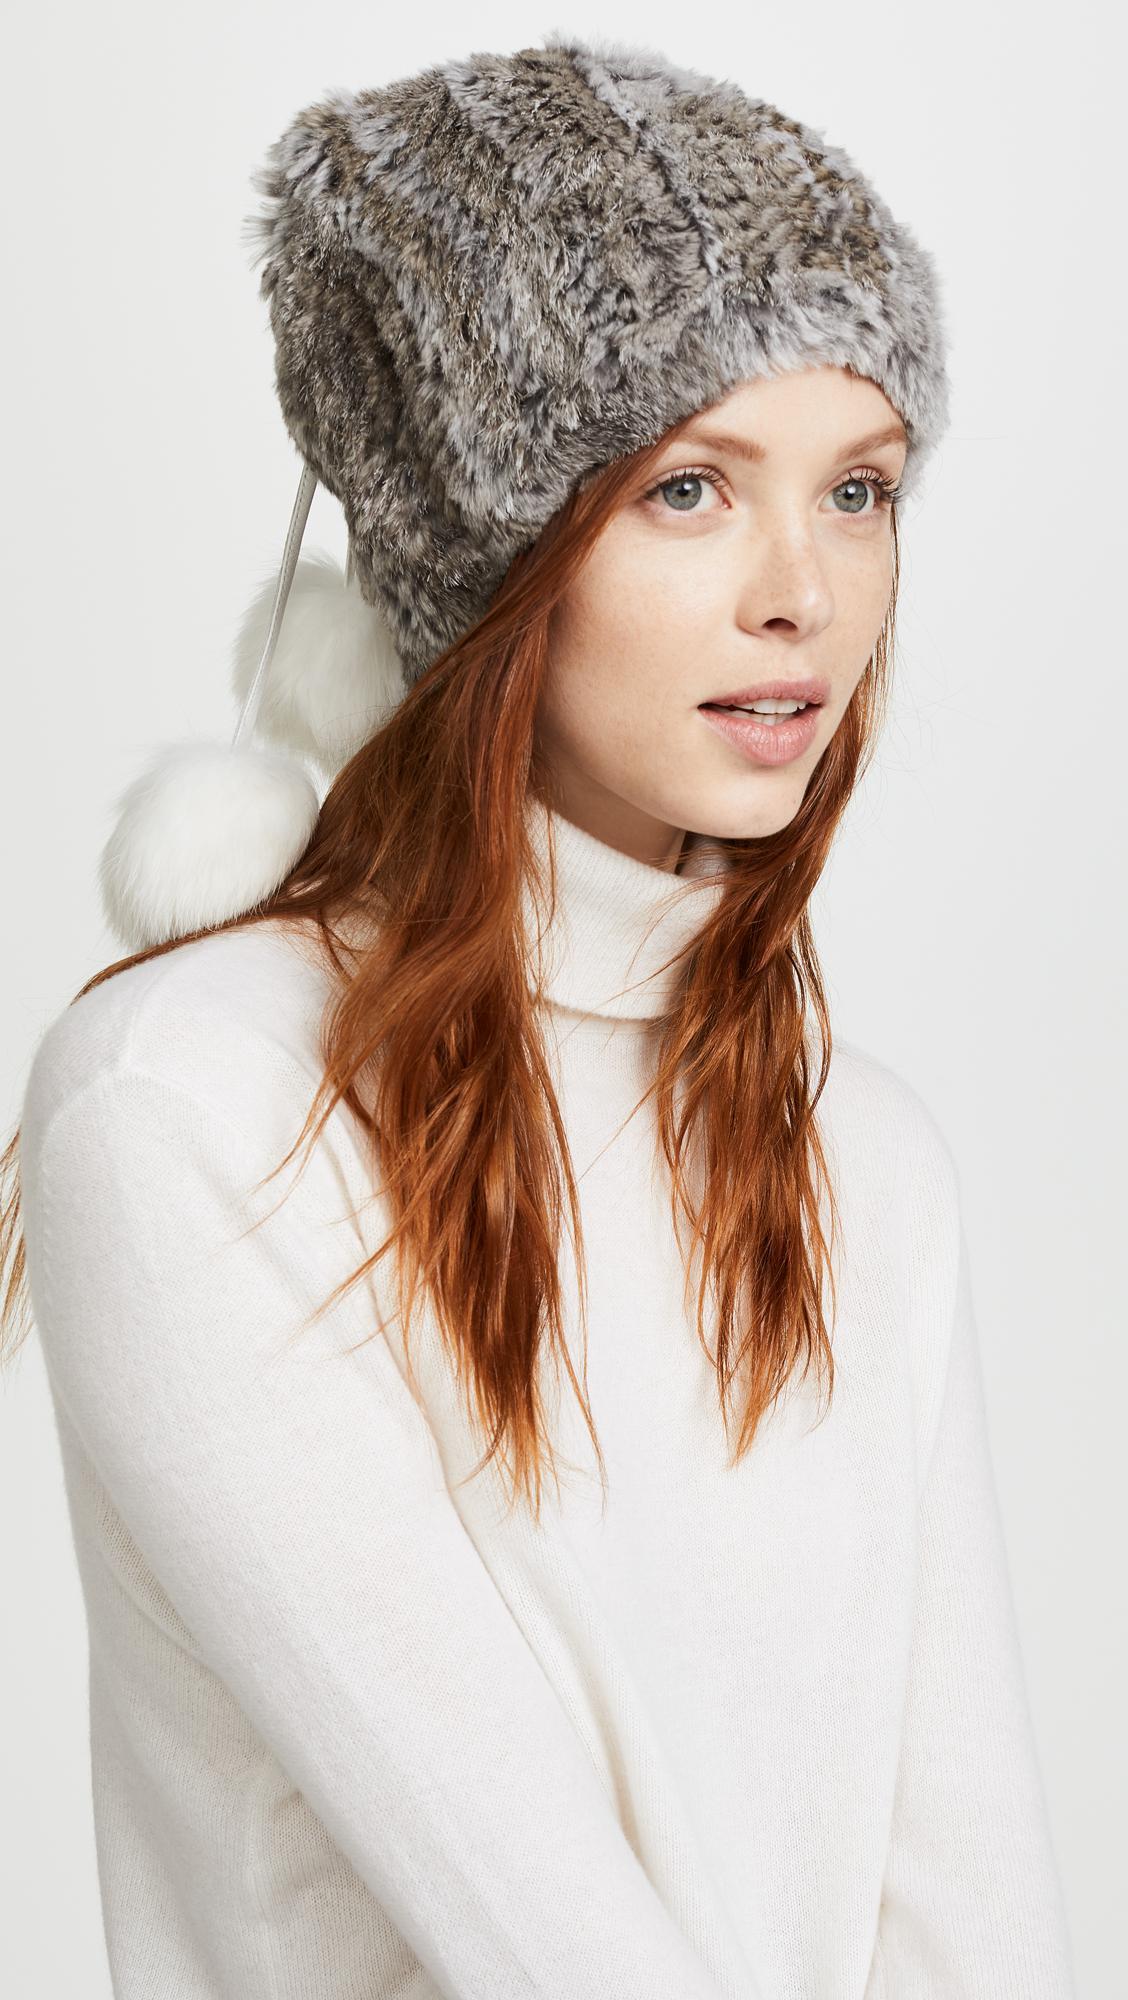 Lyst - Adrienne Landau Fur Pom Pom Hat 7f4b56d6faa